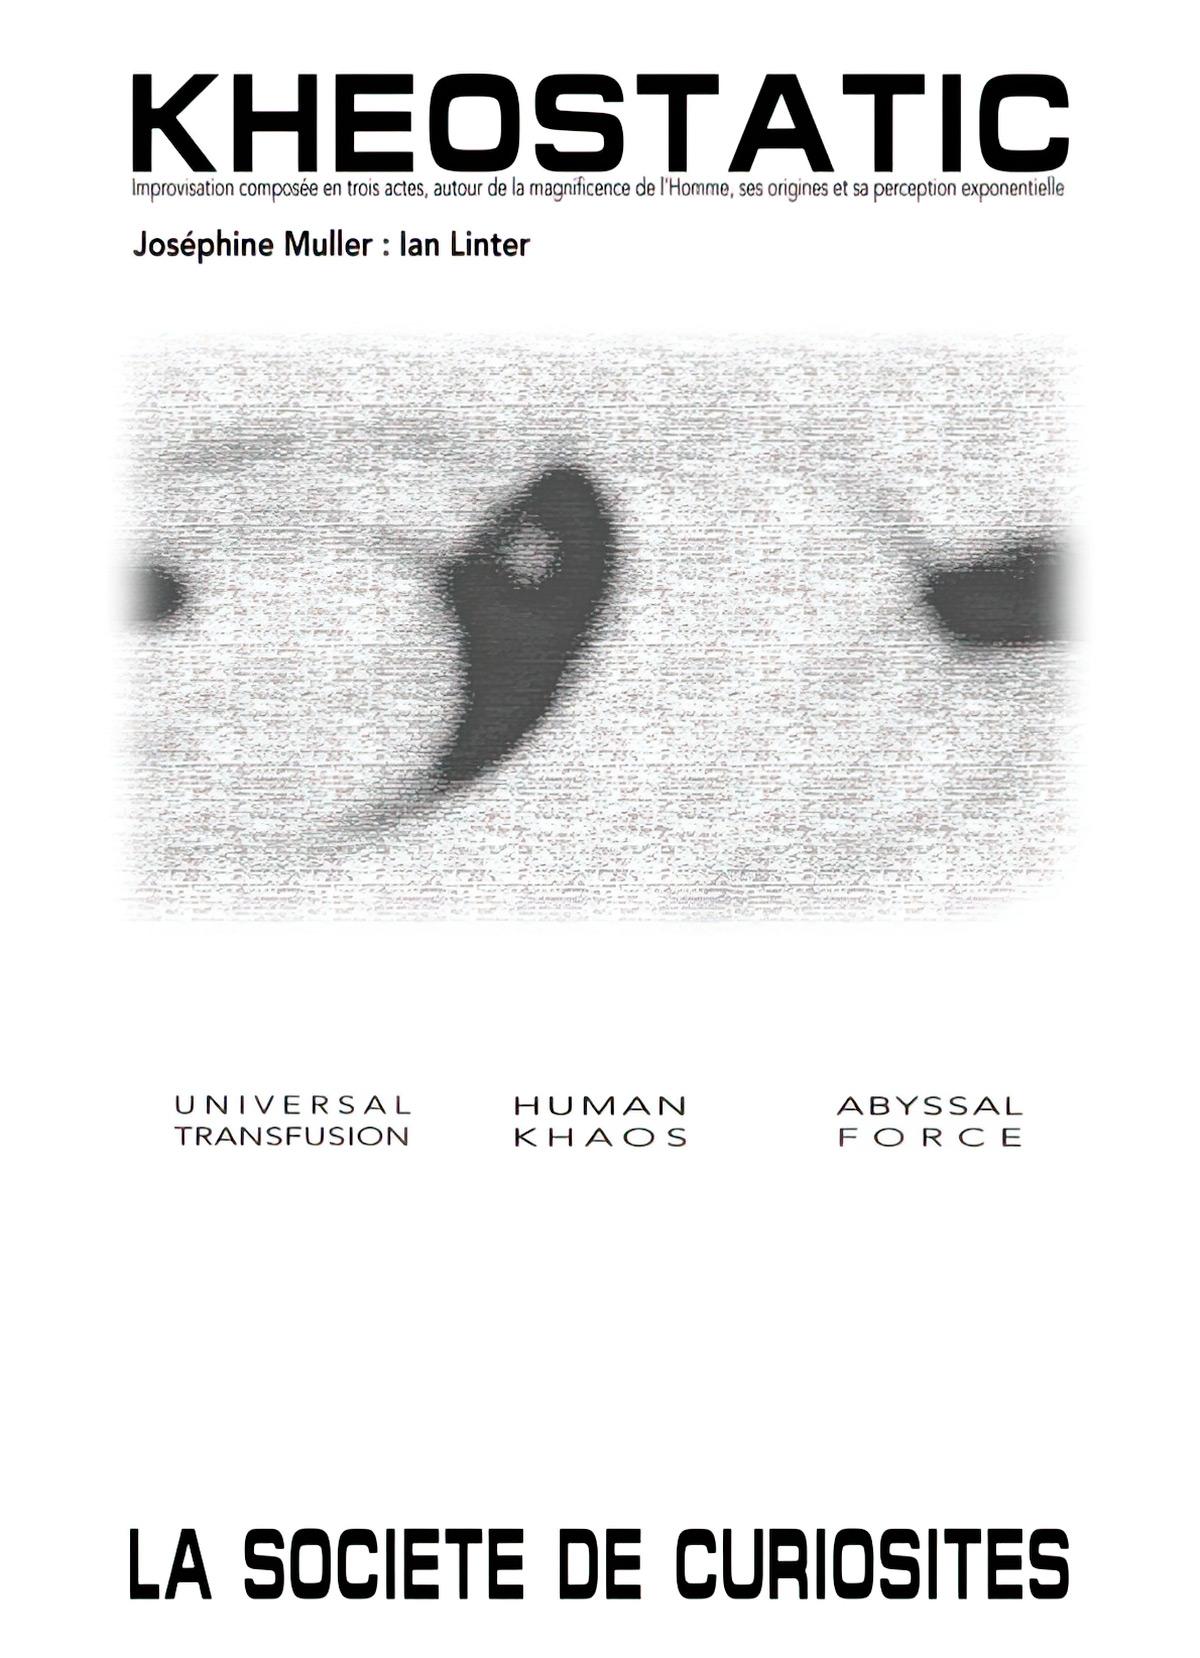 Ian Linter - Joséphine Muller - Kheostatic